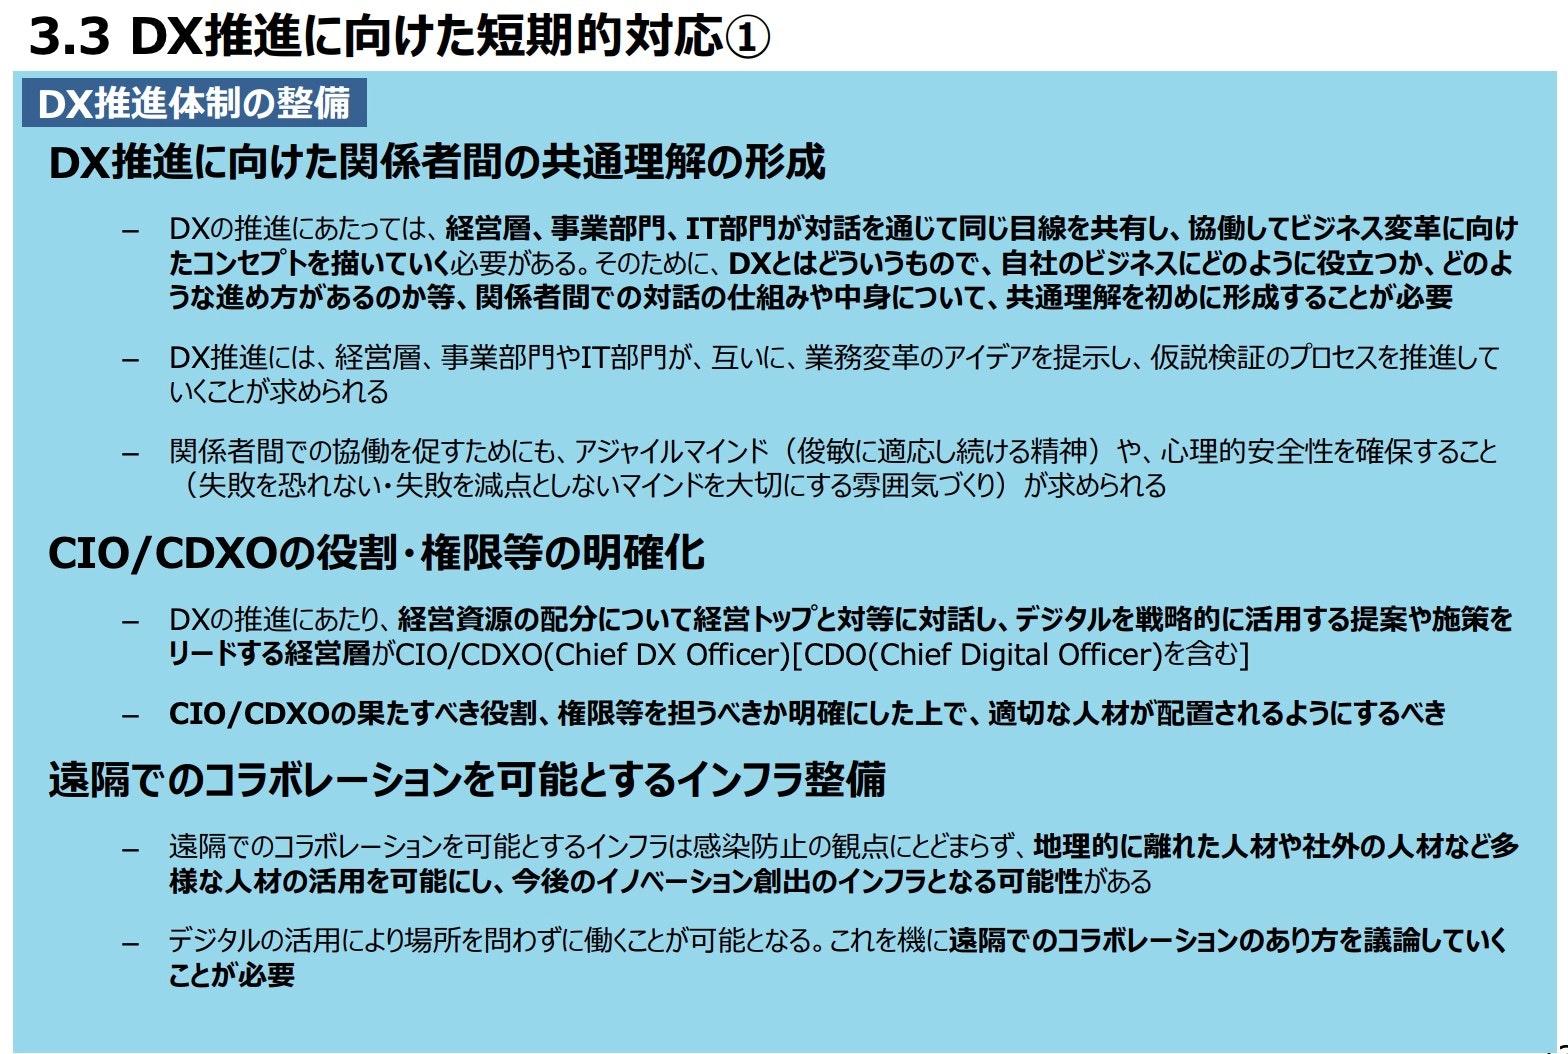 スクリーンショット 2021-01-13 21.23.38.jpg